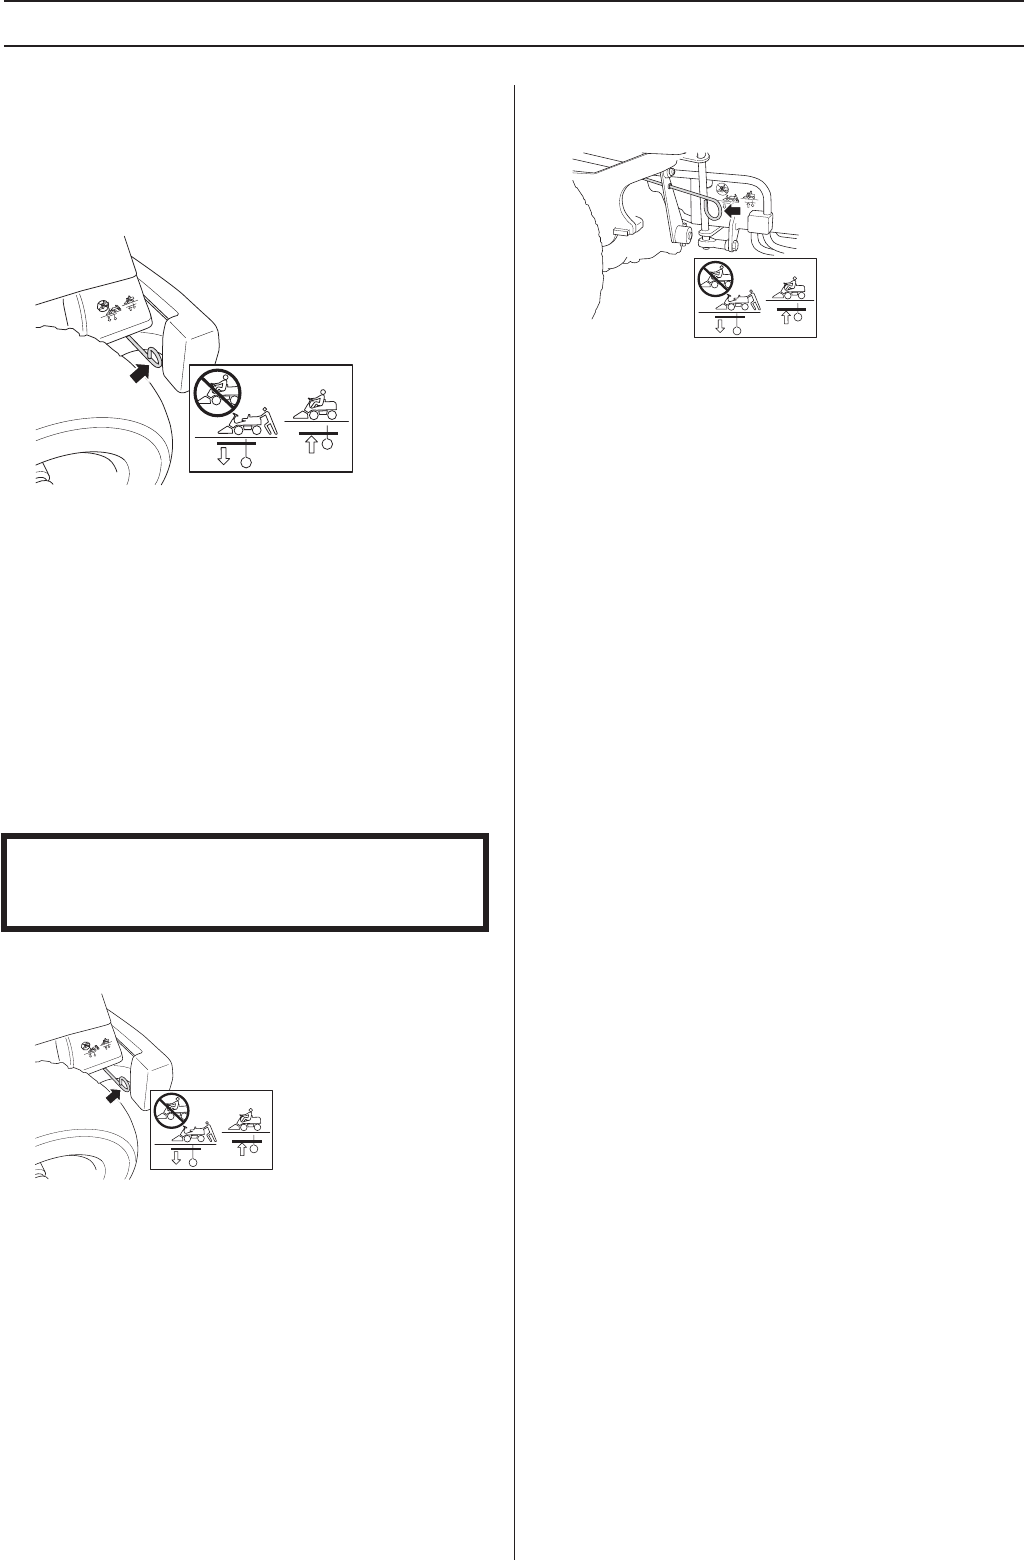 Handleiding Husqvarna Rider 16 (pagina 35 van 36) (Nederlands)